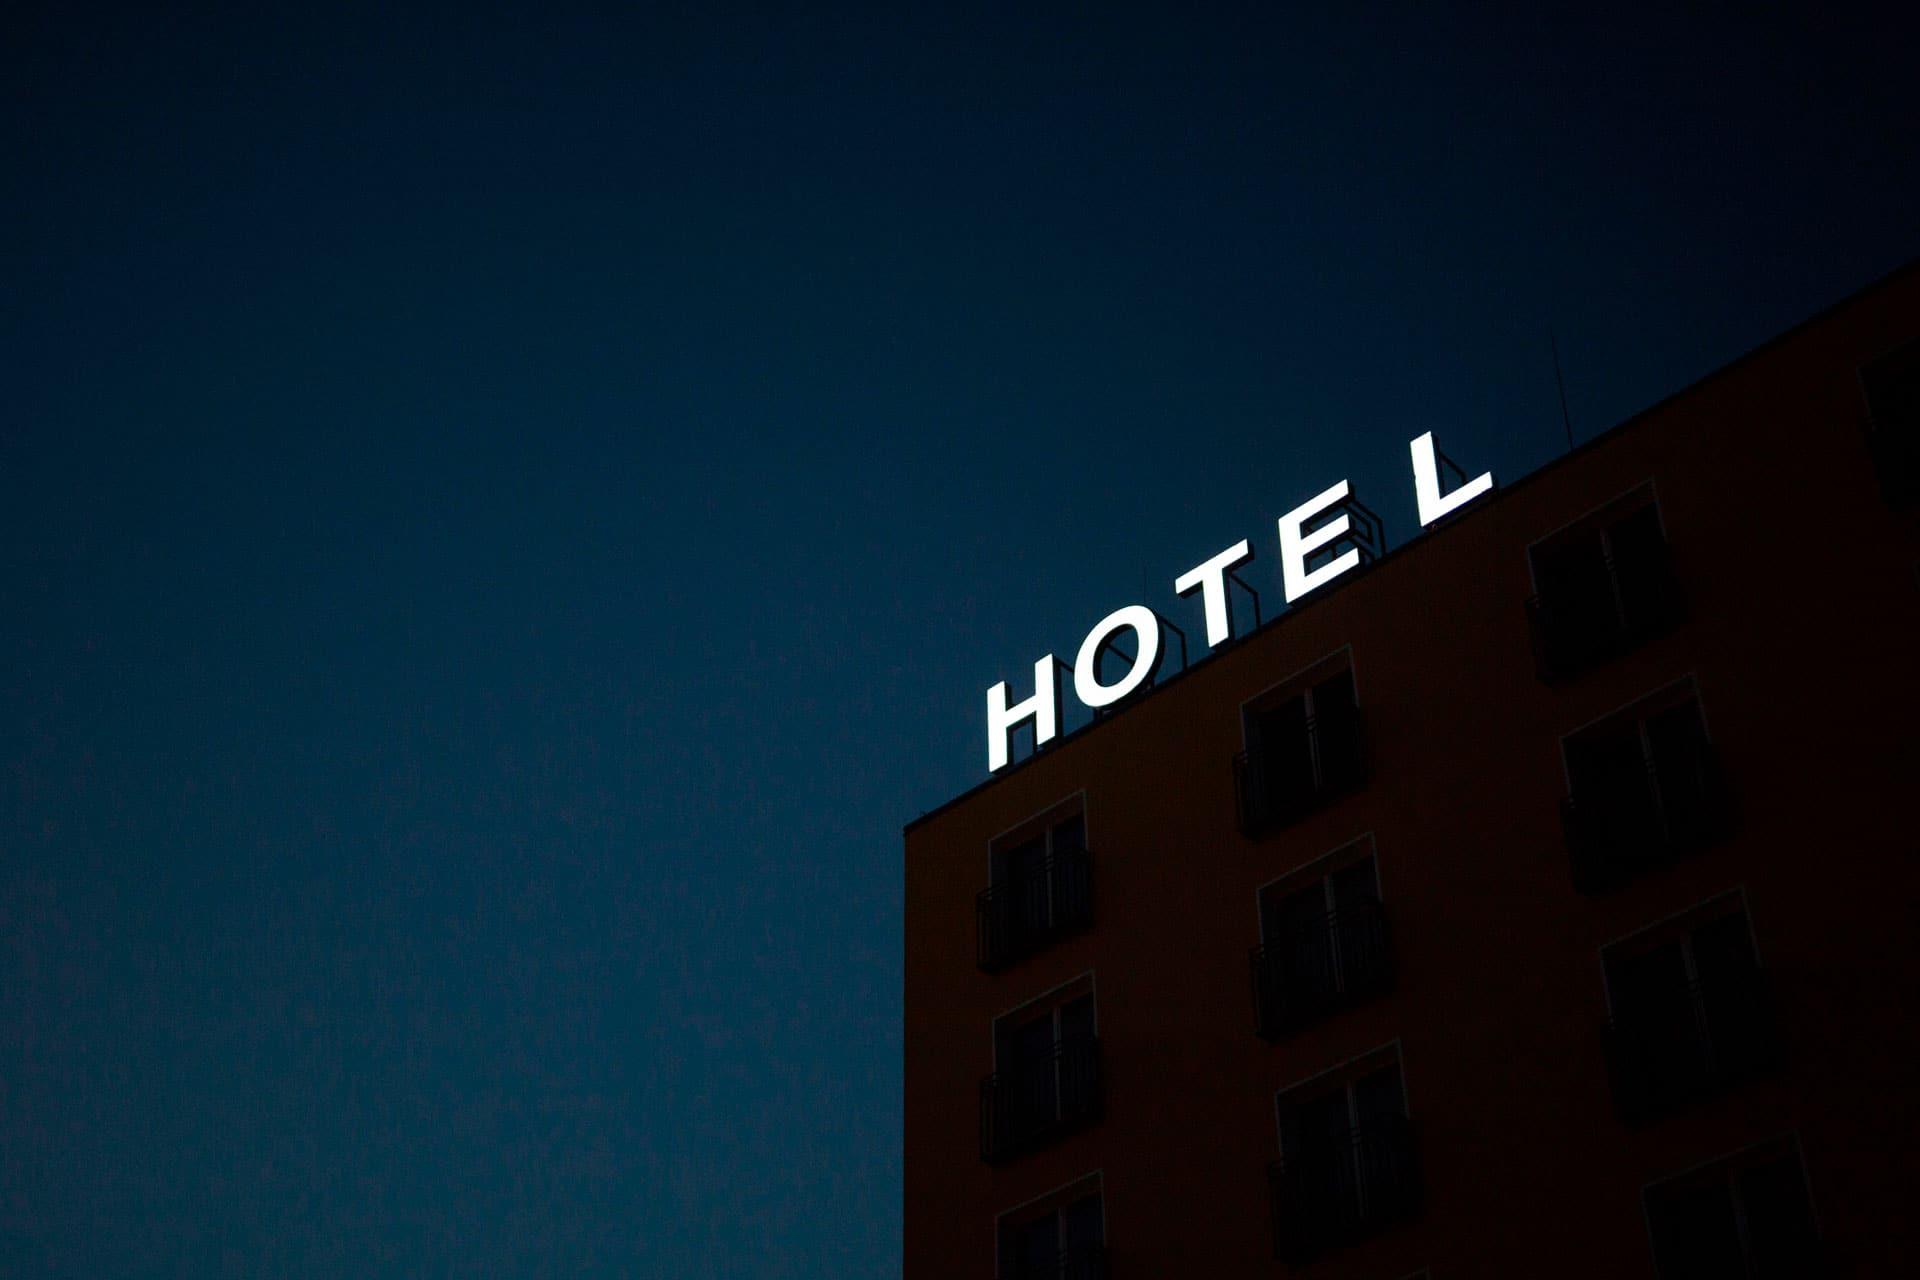 Hotell-bygg av moduler